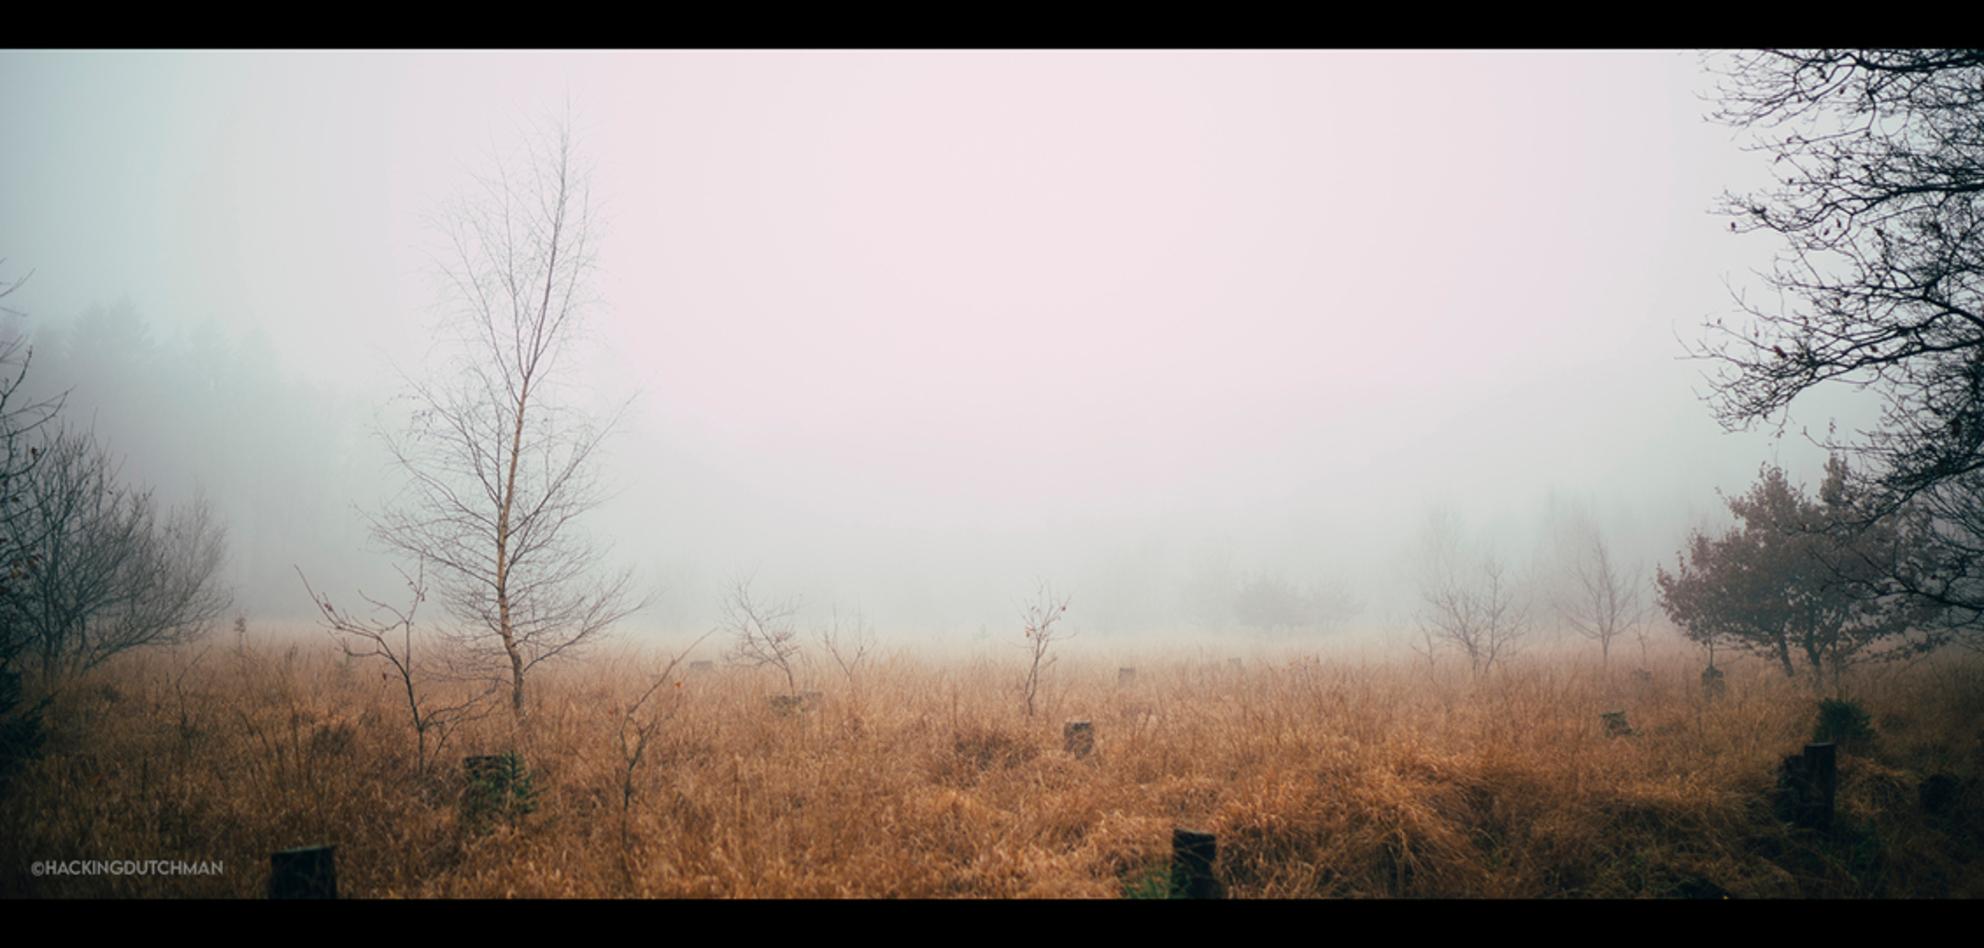 Mistig - Mist in het bos.    ©MotionMan 2020 - foto door motionman op 11-12-2020 - deze foto bevat: gras, wit, boom, herfst, morgen, winter, landschap, mist, bos, mistig, bomen, horror, perspectief, dood, film, compositie, sfeer, emotie, grijs, veld, eng, kaal, vocht, sfeervol, wijd, mistige, scene, oranjewoud, verderf, vochtig, cinematisch, scenisch - Deze foto mag gebruikt worden in een Zoom.nl publicatie